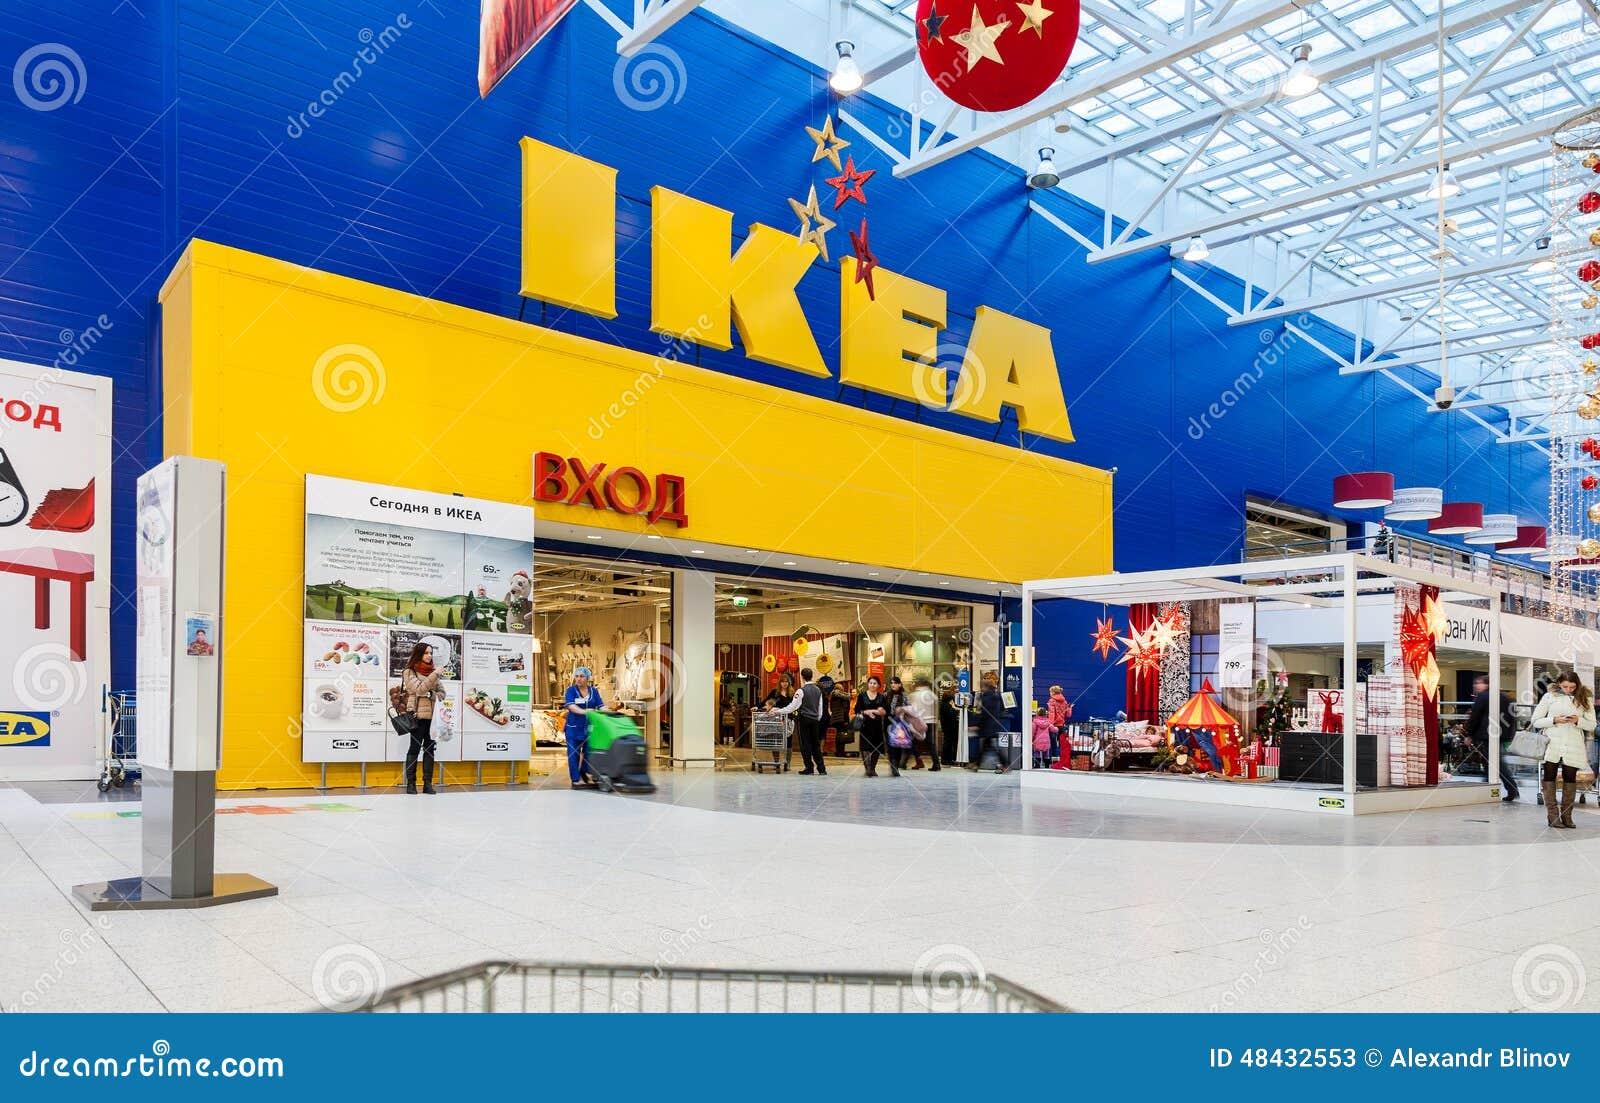 магазин самары Ikea Ikea мебель мира самая большая Retaile